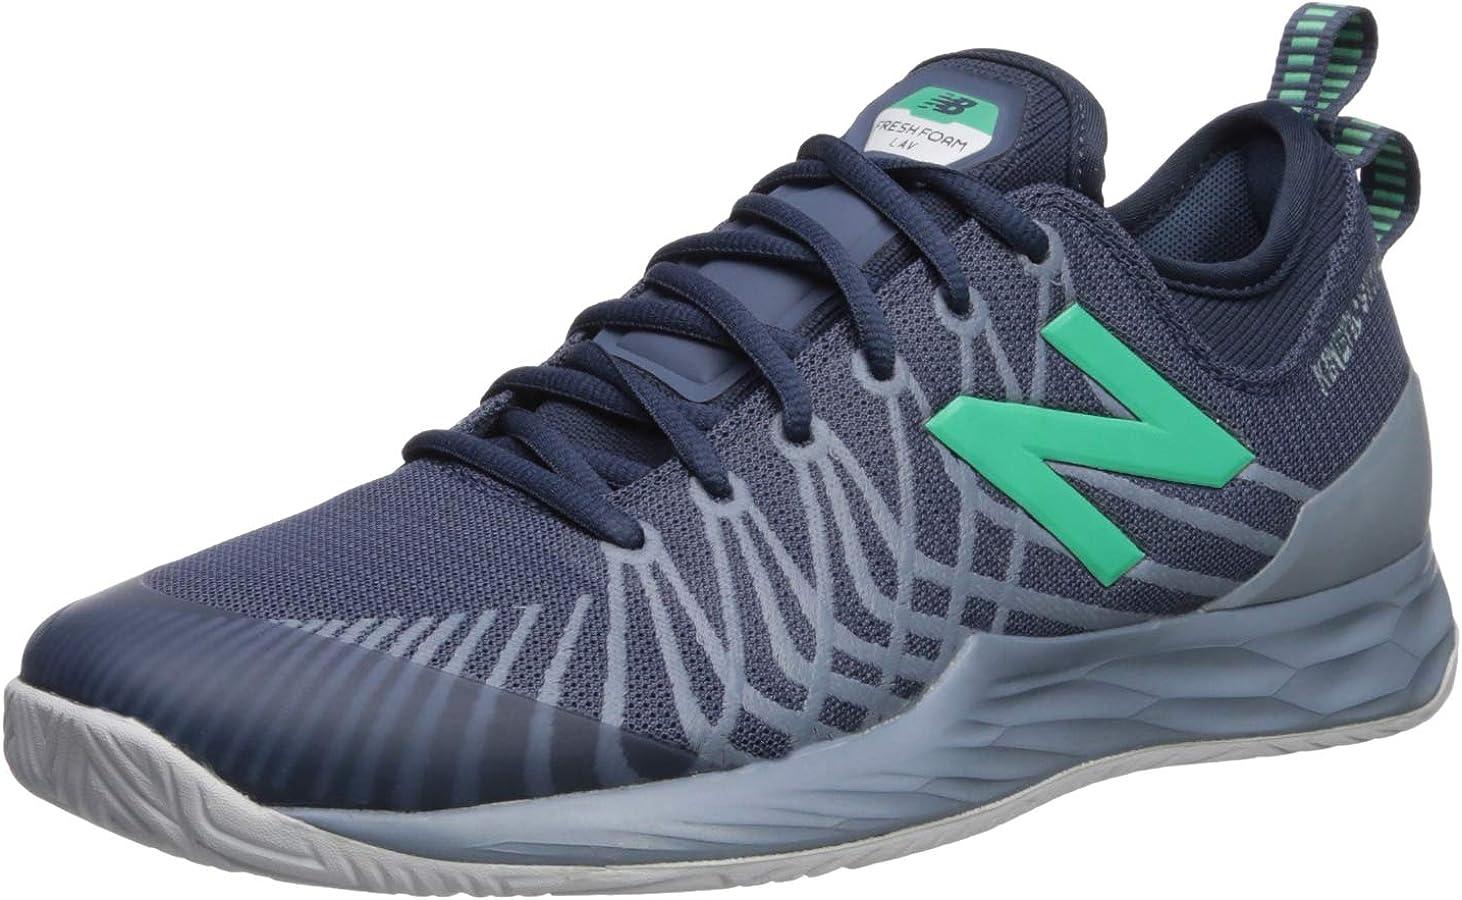 New Balance Men's Fresh Foam Lav V1 Hard Court Tennis Shoe